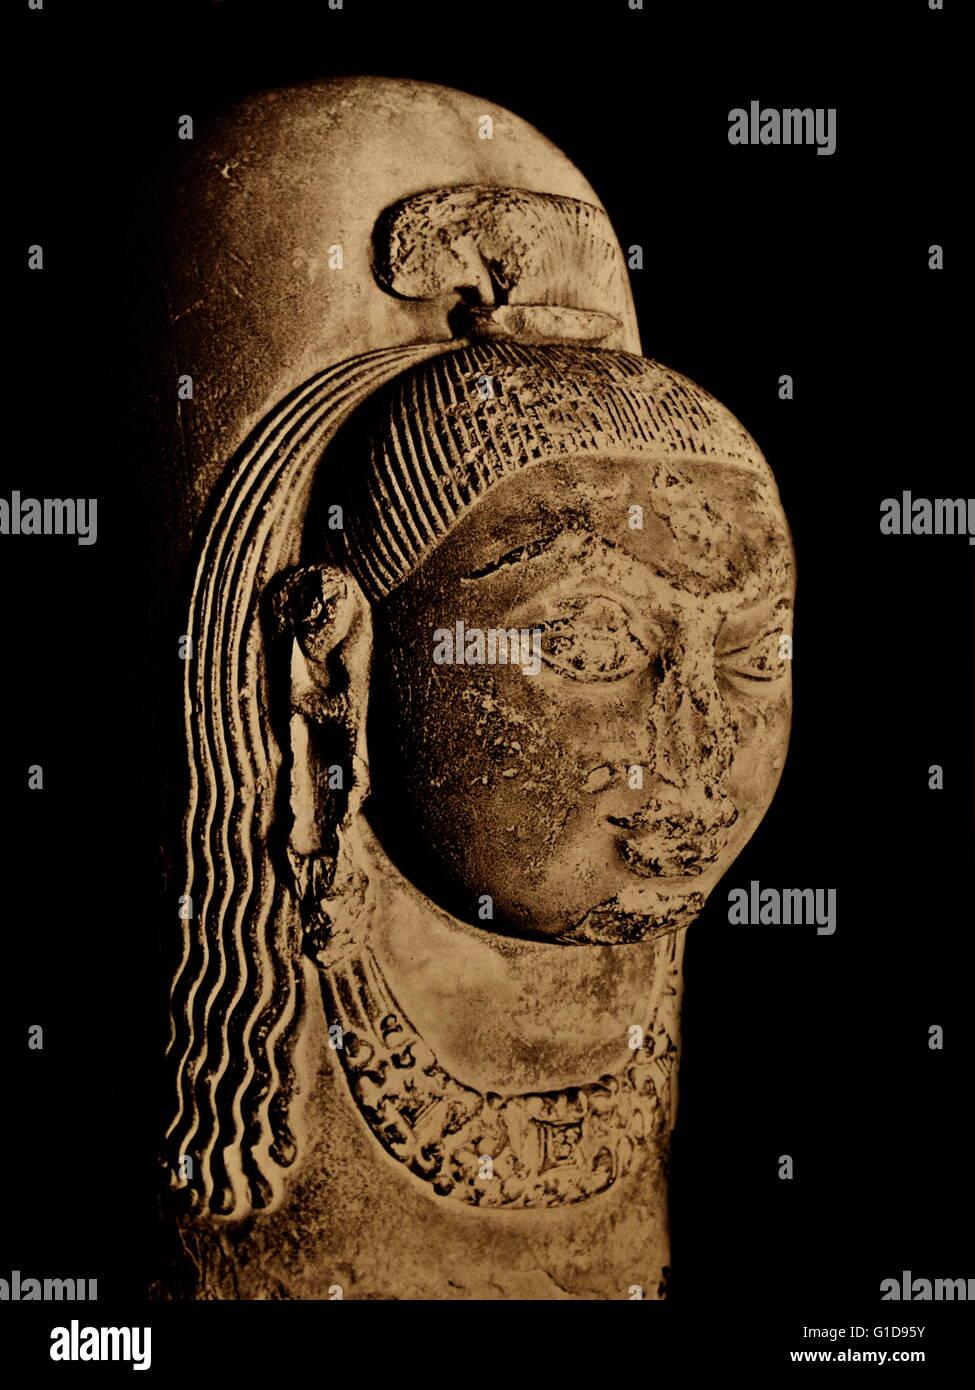 Ekamukha linga of Lord Shiva at Udayagiri; India, 4th century A.D. - Stock Image